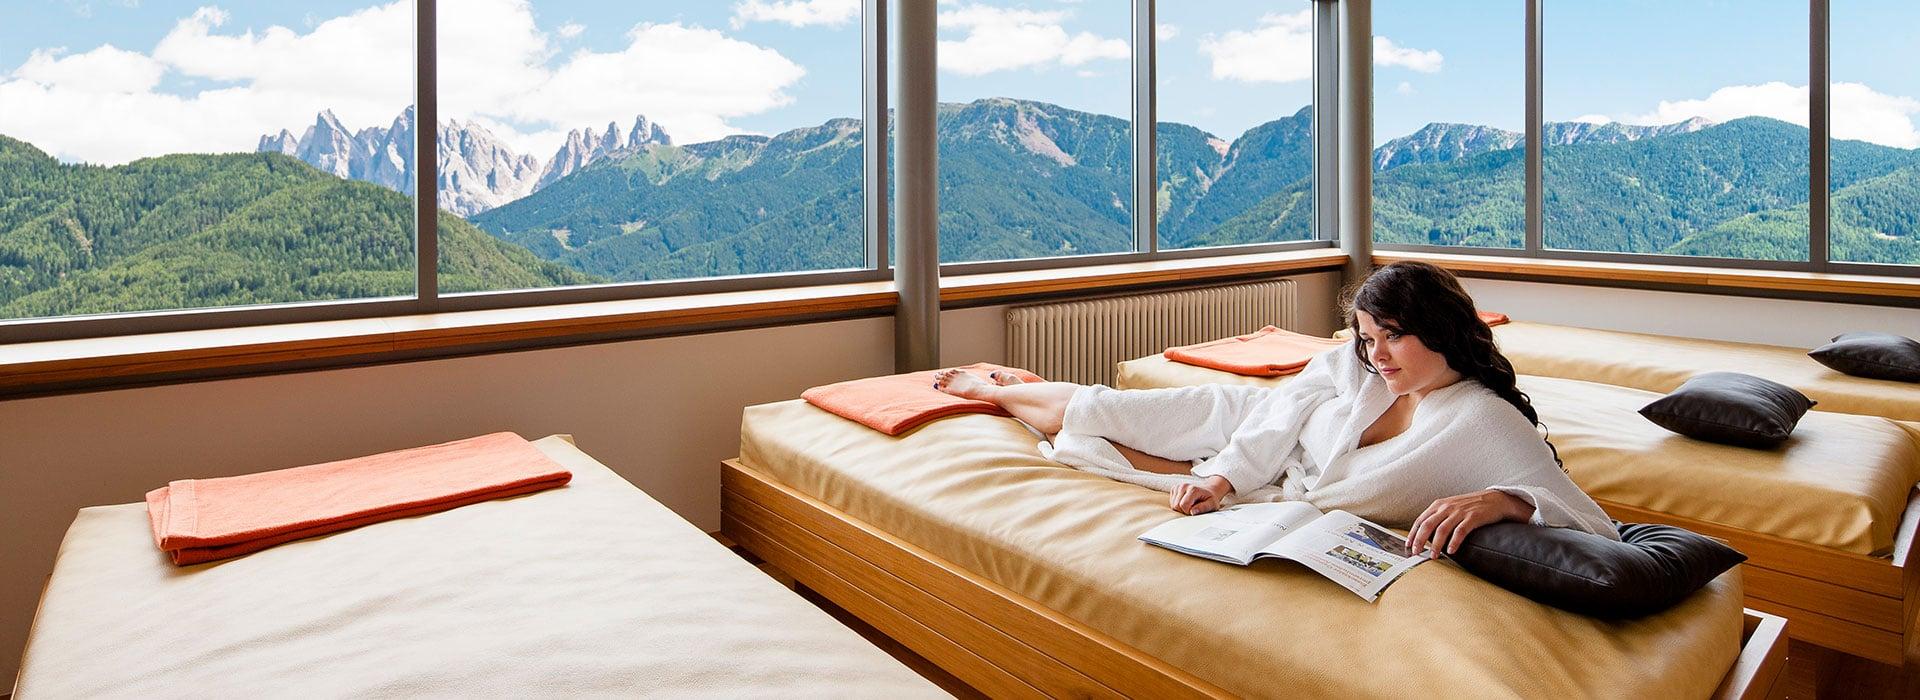 hotel-feldthurnerhof_07